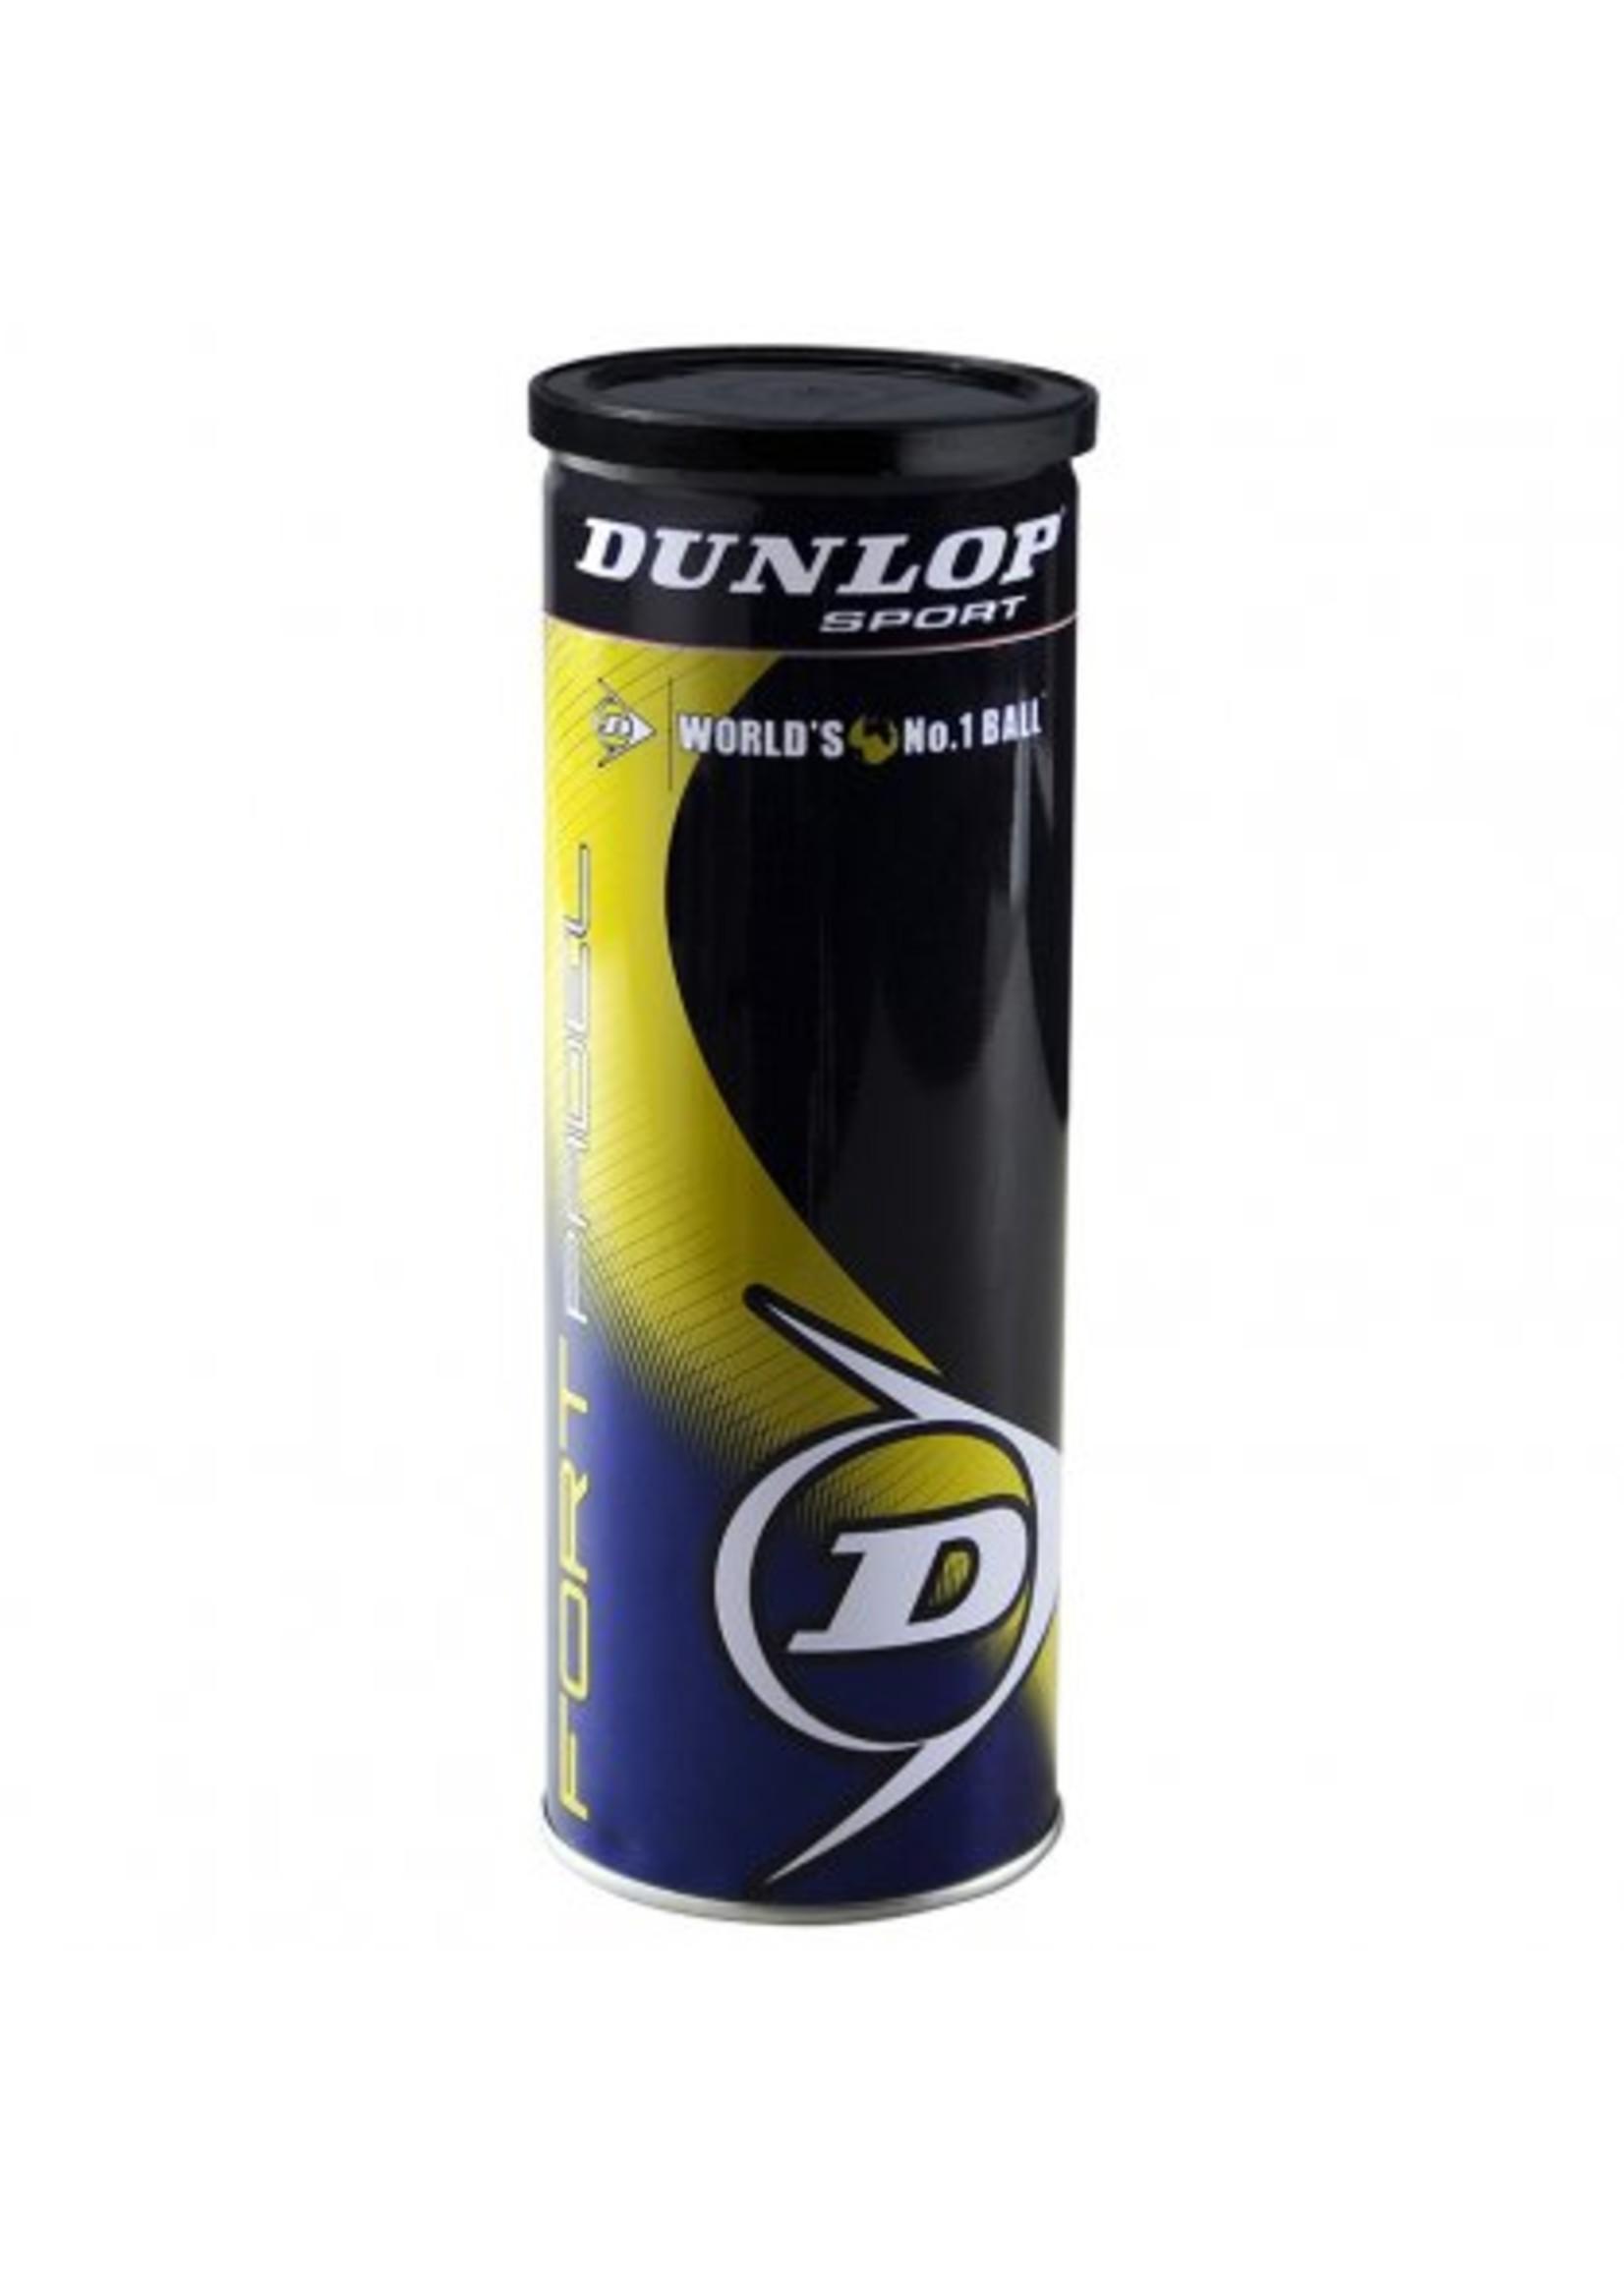 Dunlop Dunlop Fort Padel Ball, 3 Ball Tin